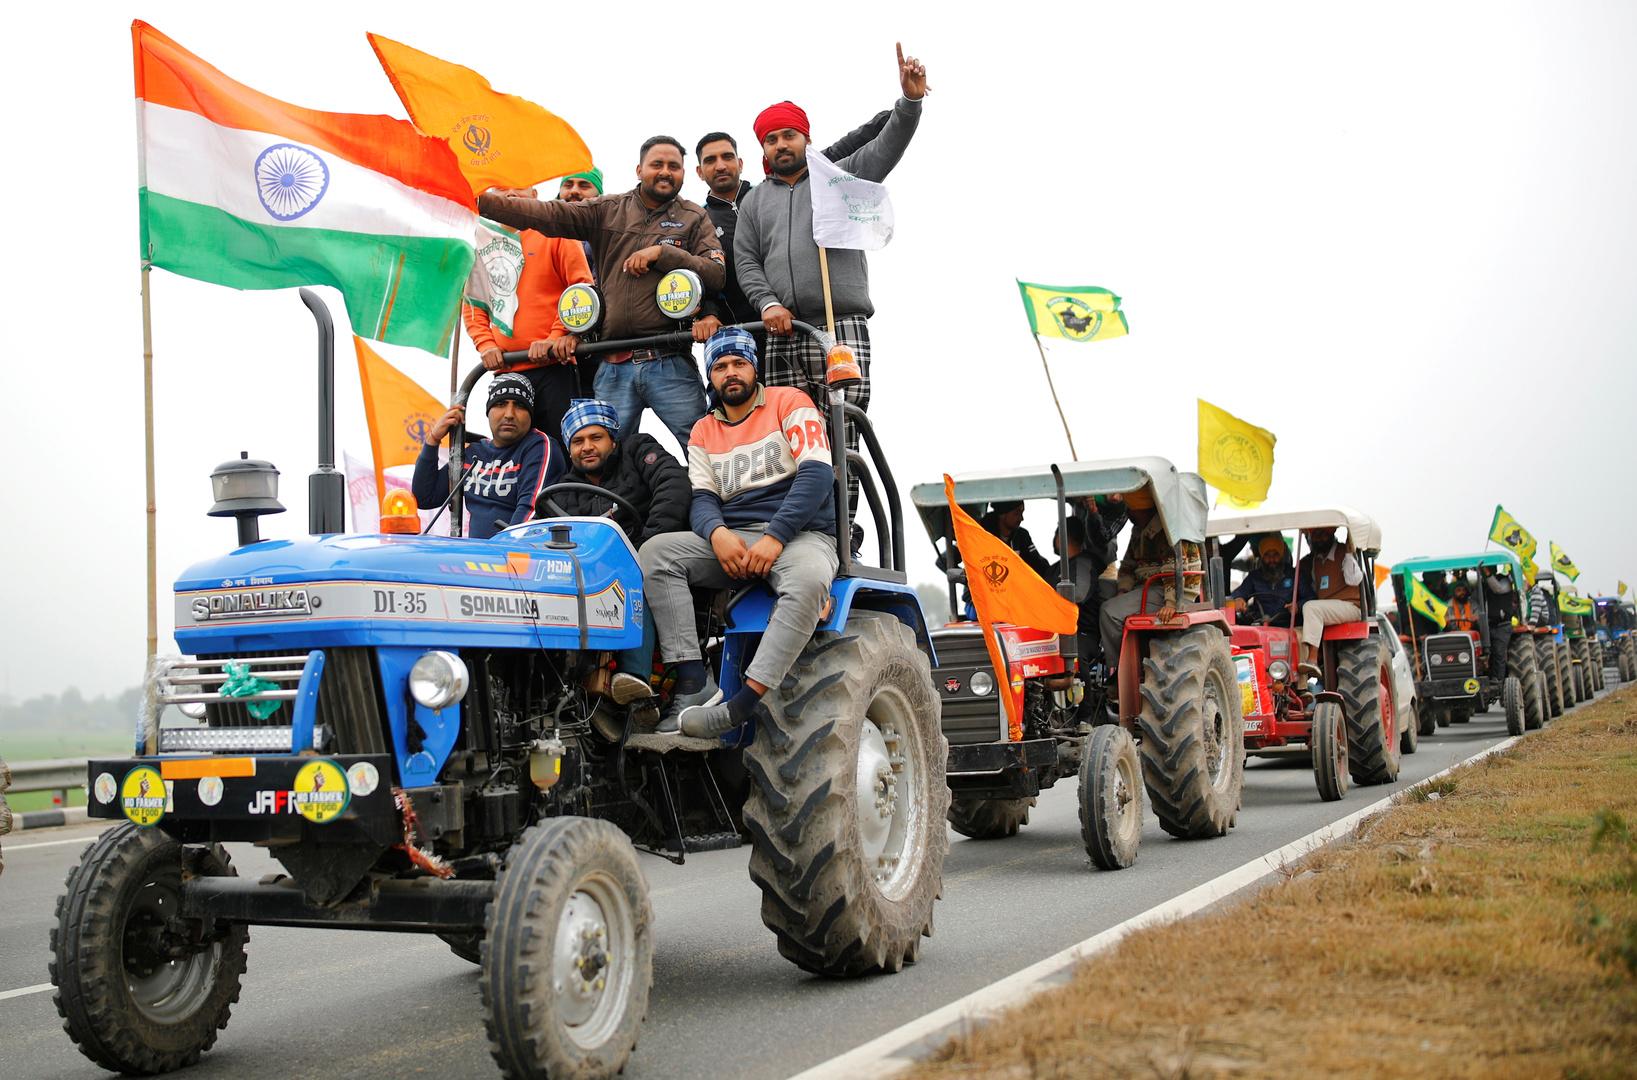 قتيل في اشتباكات بين قوات الأمن والمزارعين المحتجين ضد الإصلاح الزراعي في الهند